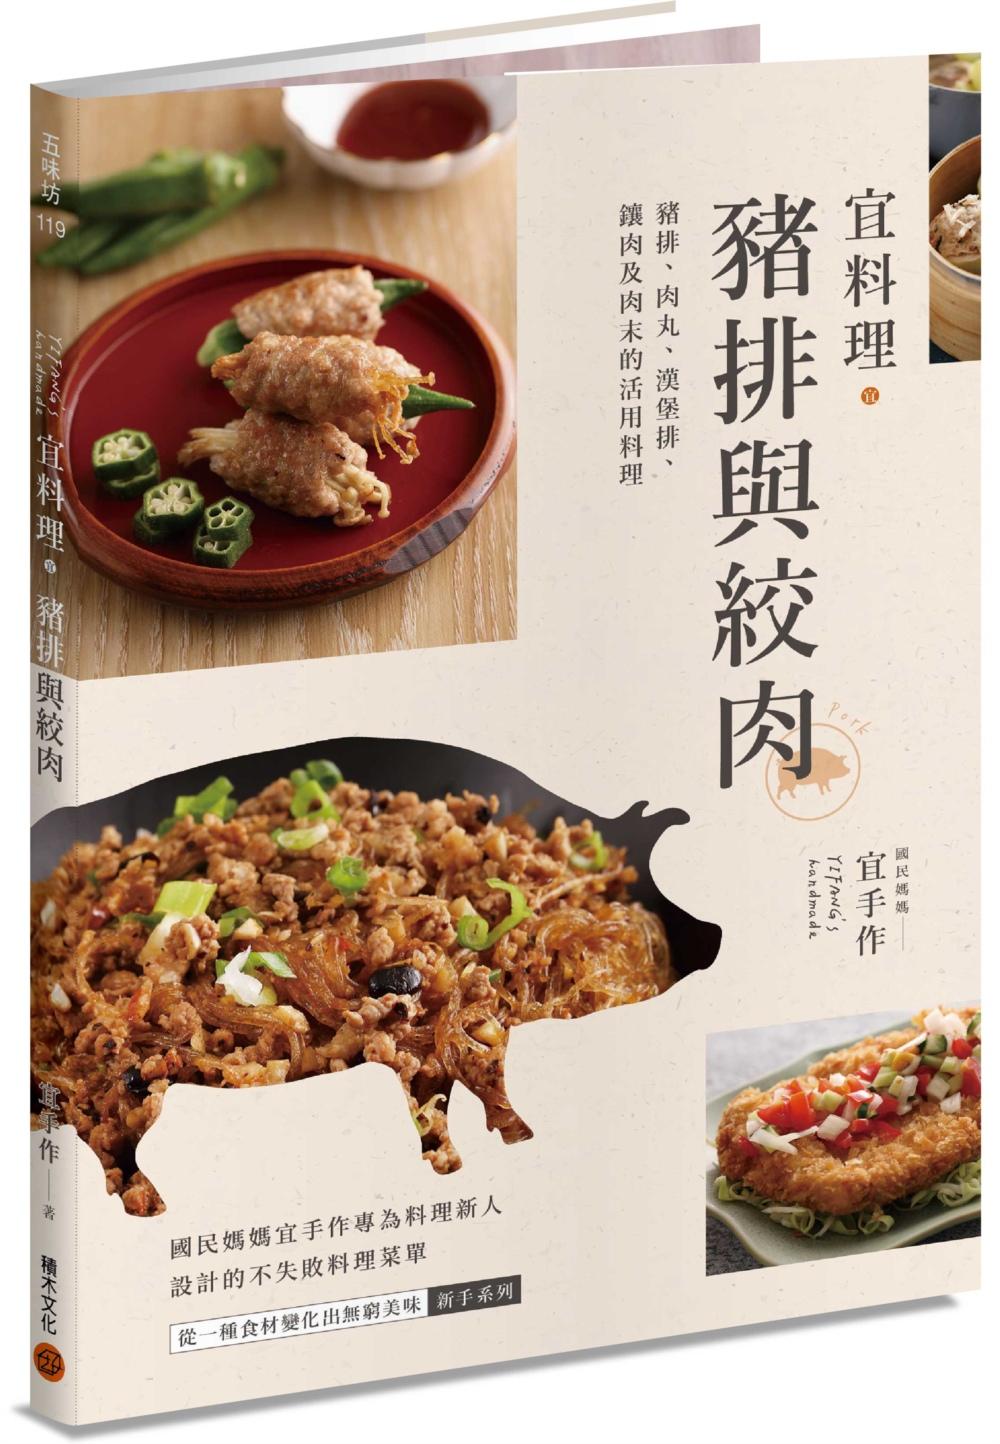 宜料理•豬排與絞肉:豬排、肉丸...